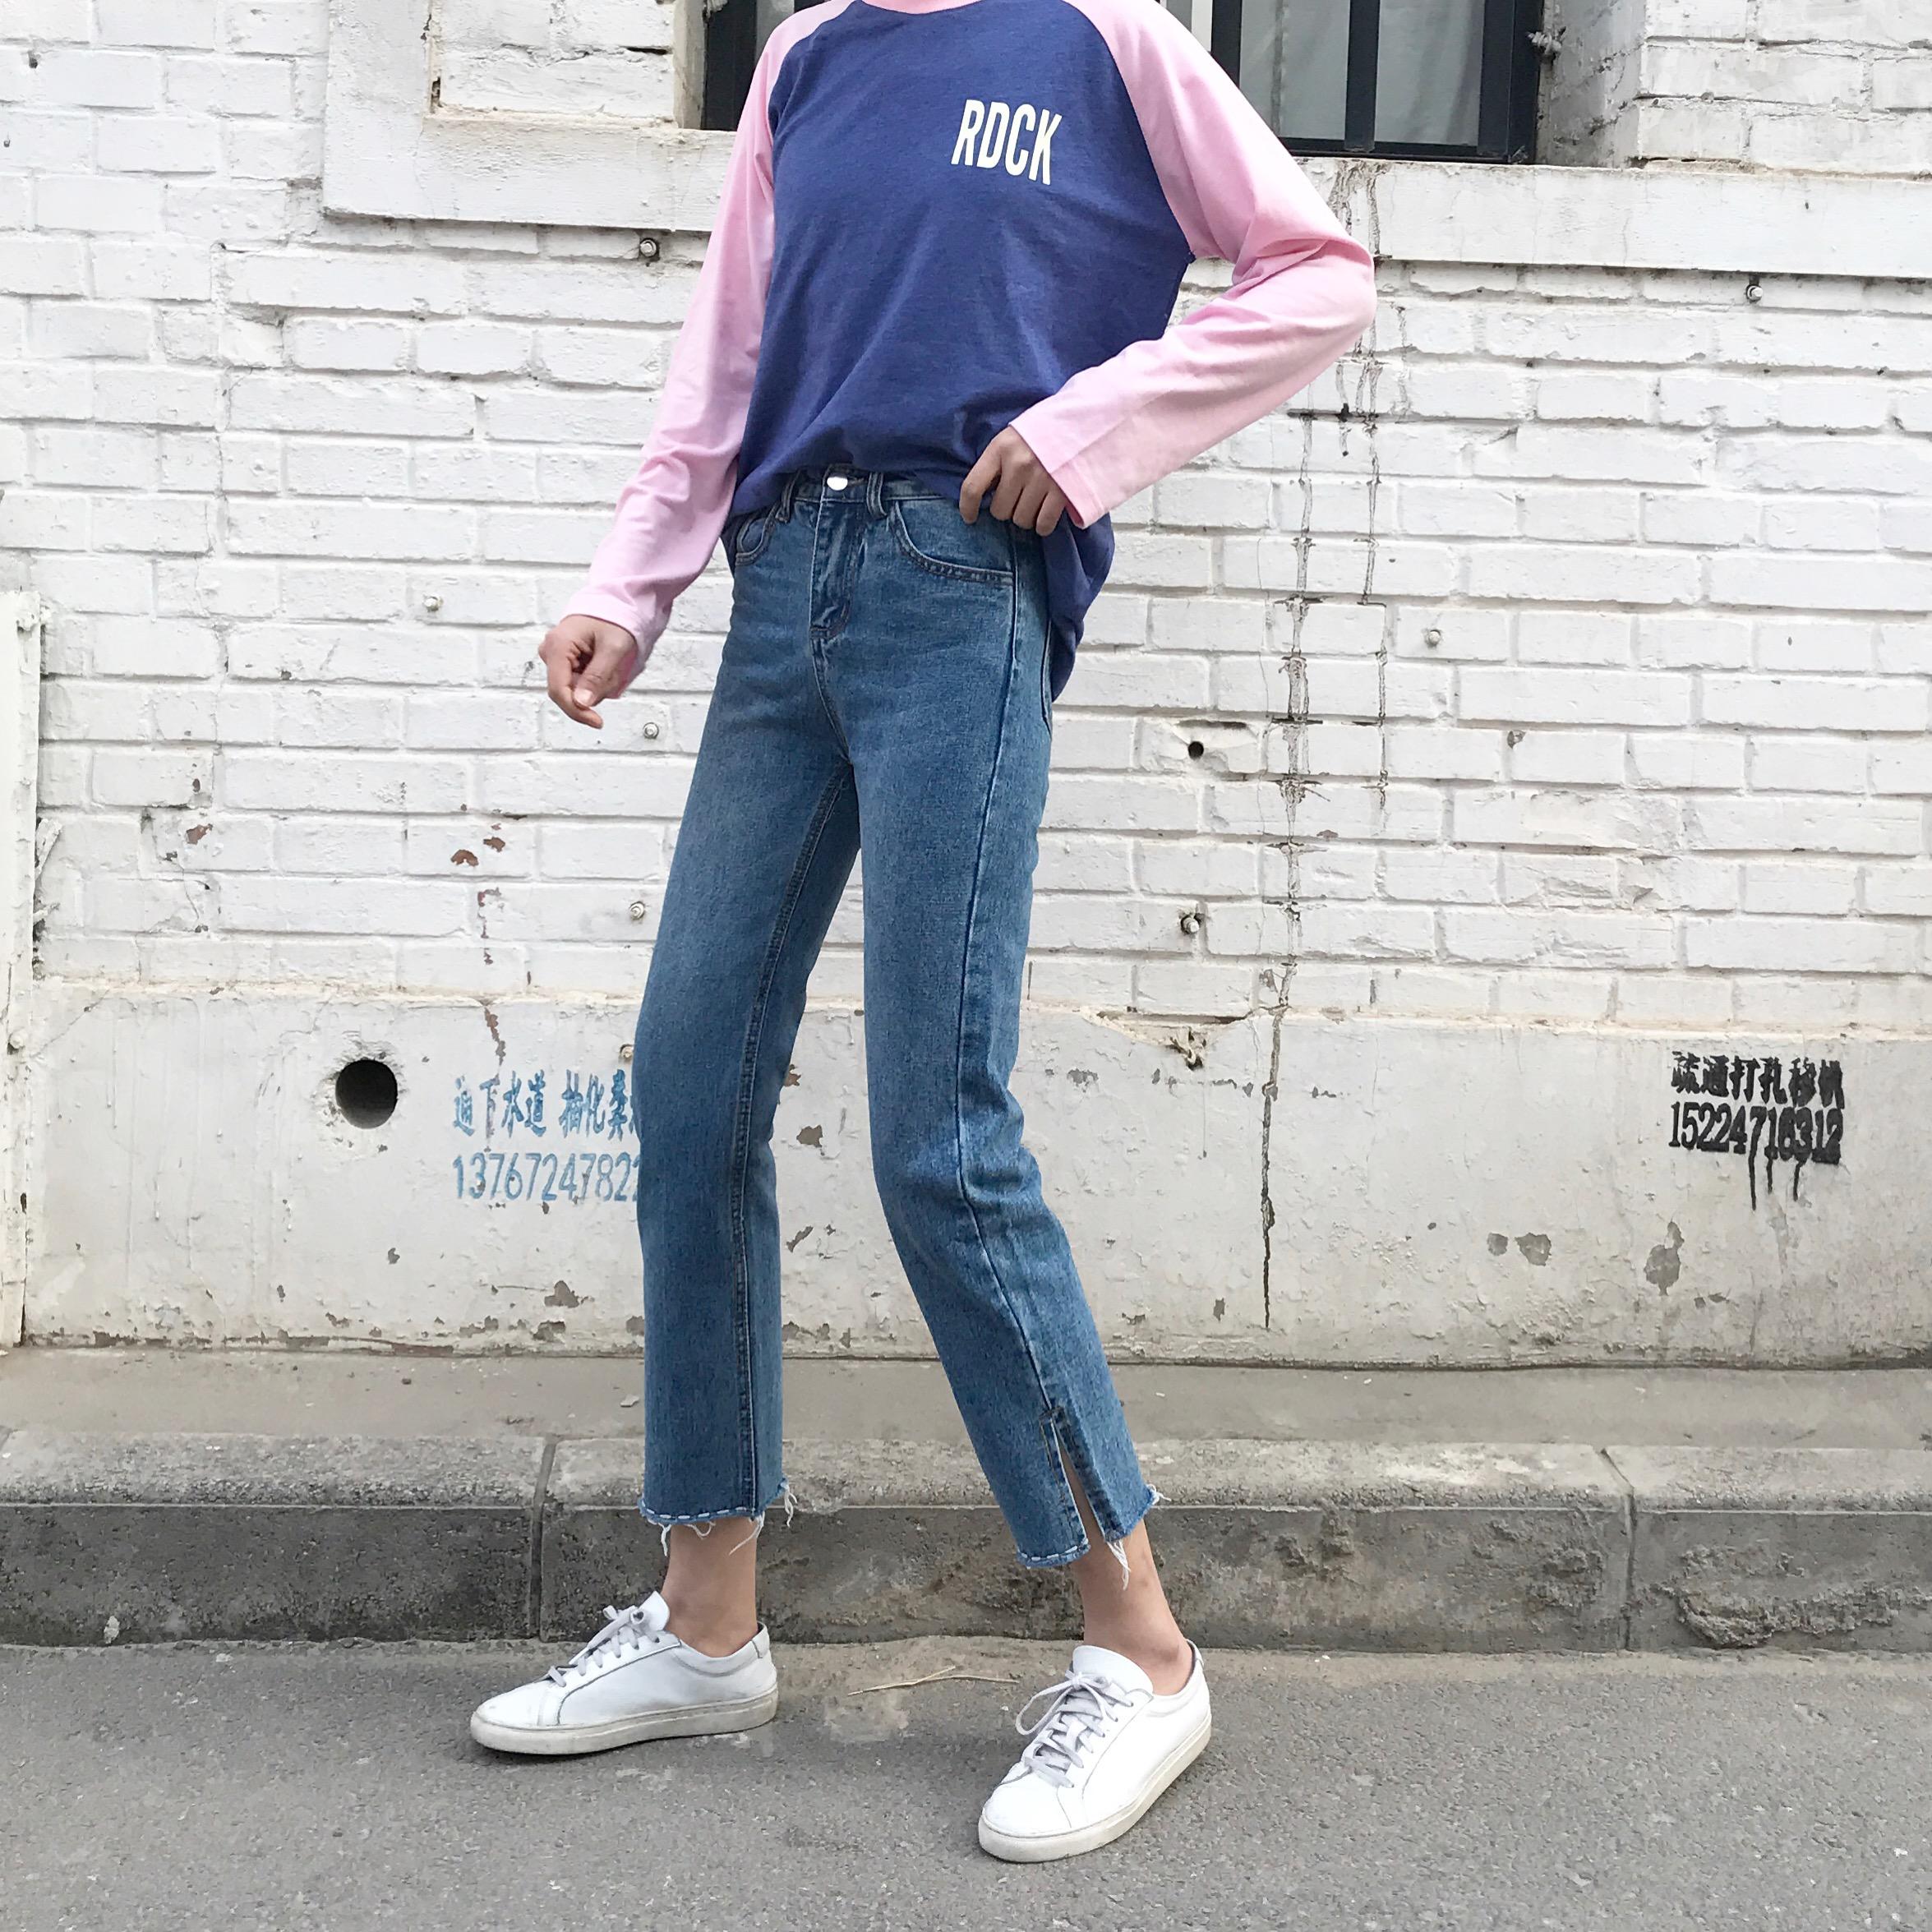 实拍 2017韩版新款虚线刺绣宽松直筒高腰开叉牛仔裤女